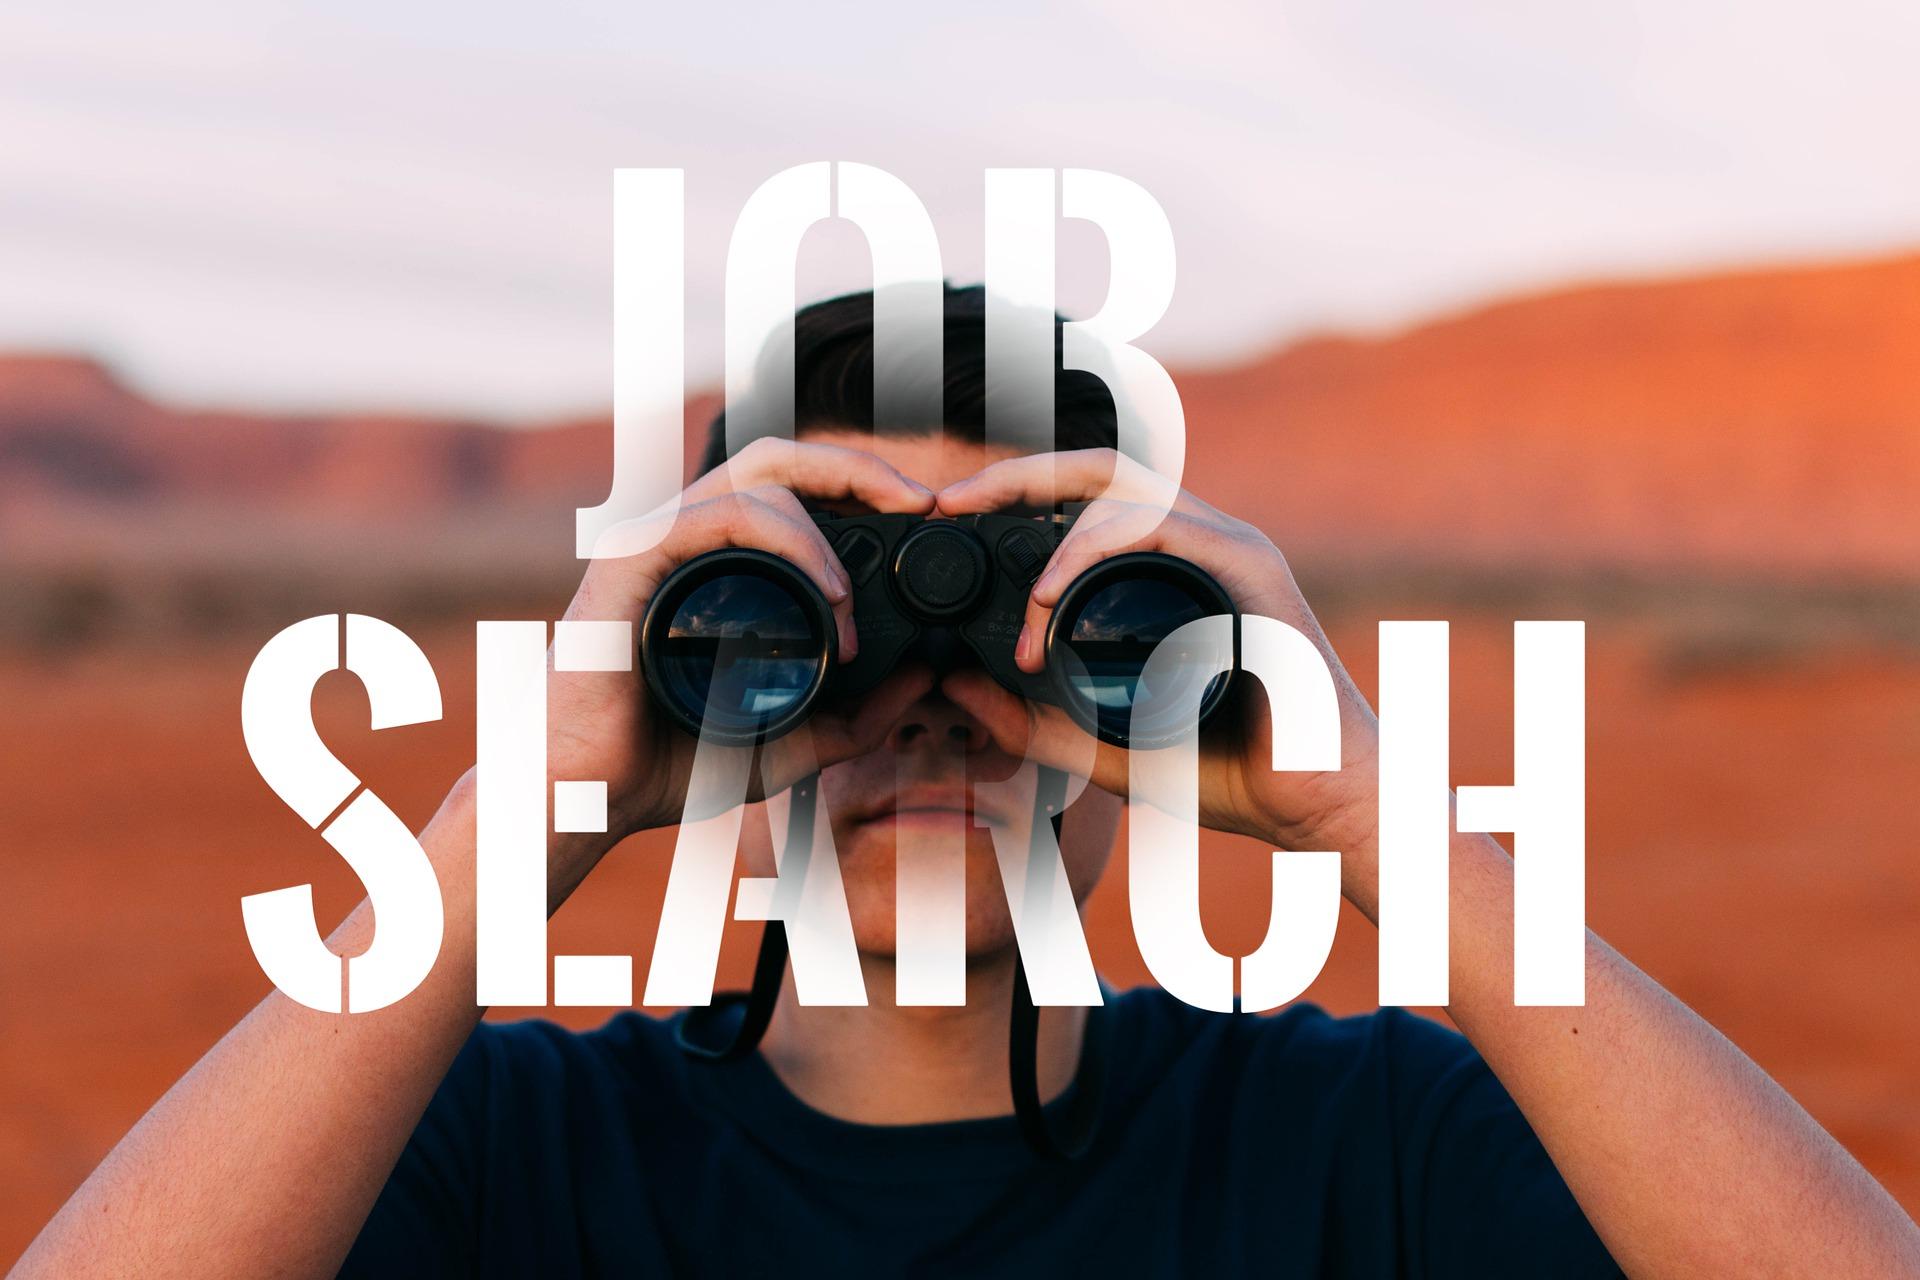 How To: Find Work in Switzerland